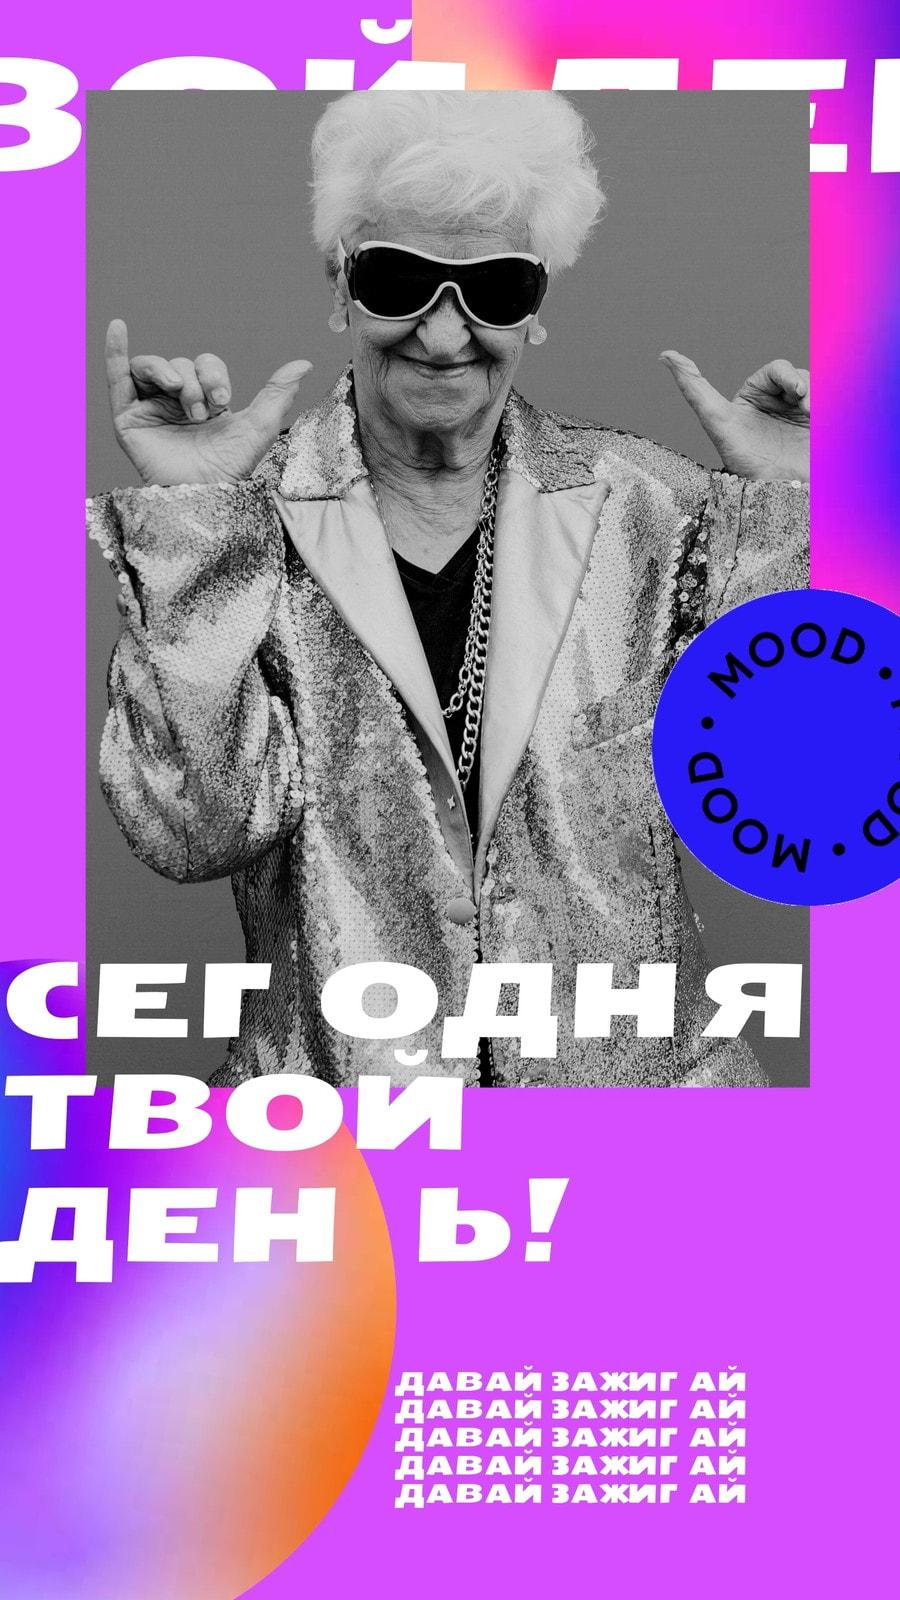 Фиолетовый Старая Женщина Модная и Яркая Общее Поздравление История в Instagram ко Дню Рождения